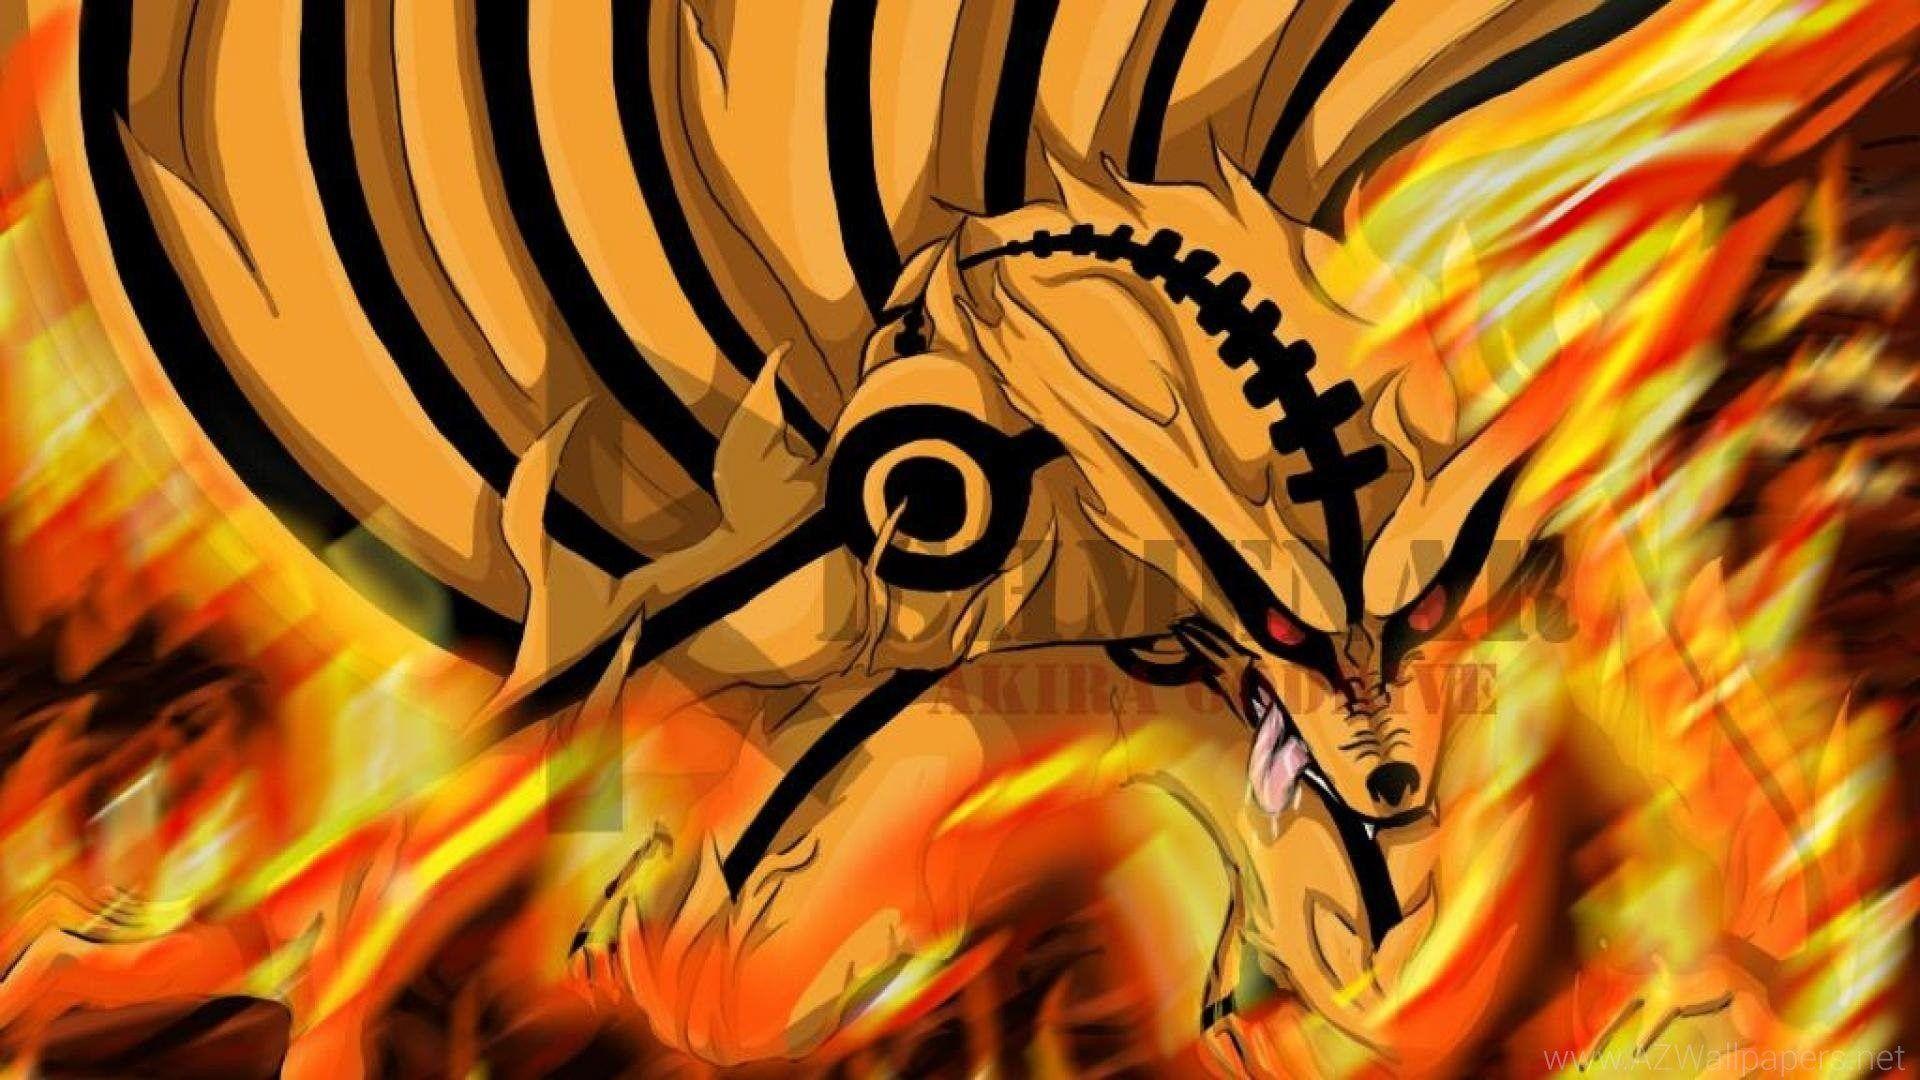 Wallpaper Naruto Jernih 64 Kurama Wallpapers On Wallpaperplay Itachi Wallpapers Hd Wallpap Wallpaper Naruto Shippuden Naruto Wallpaper Nine Tailed Fox Naruto